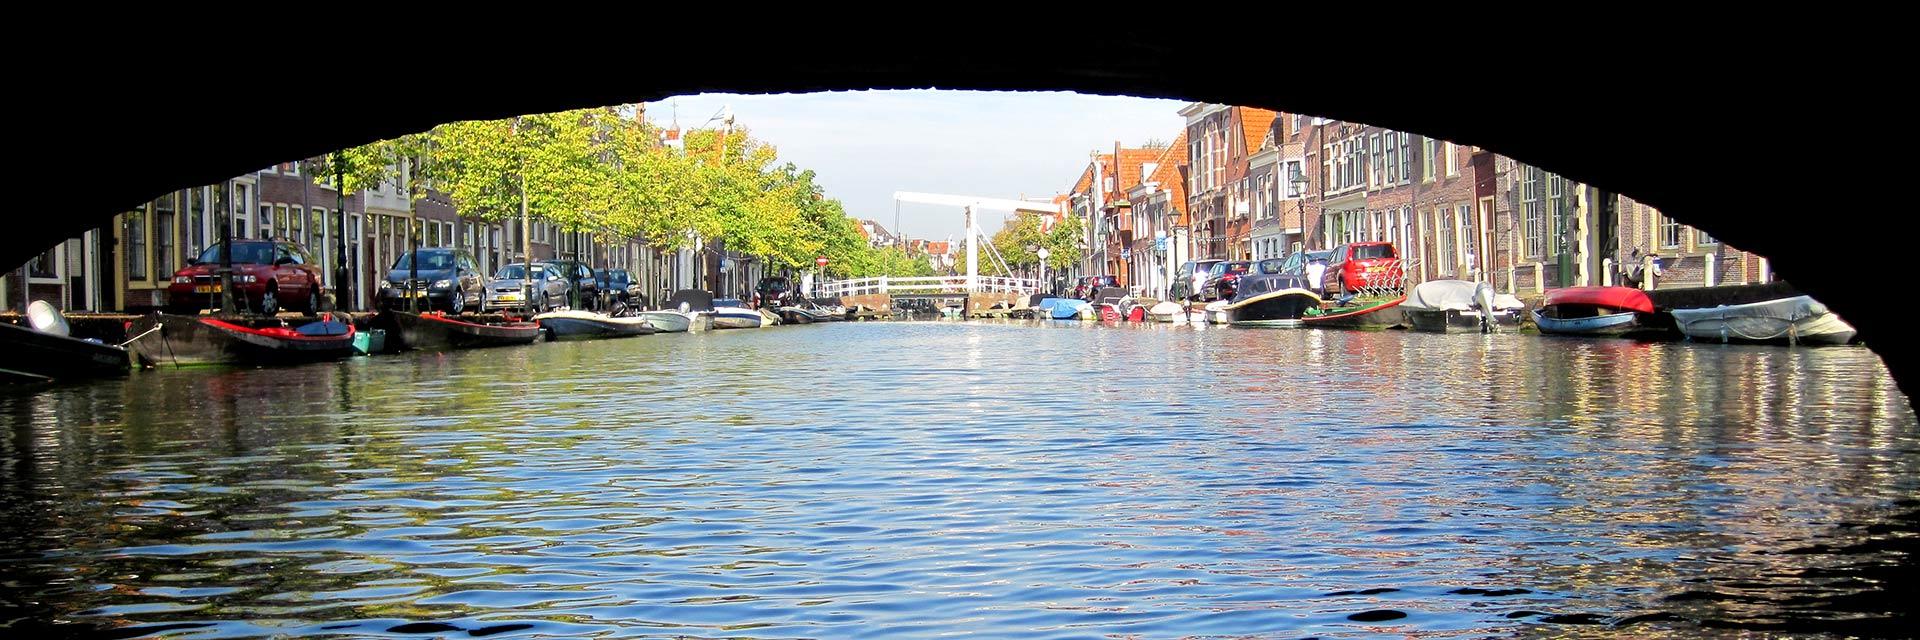 alkmaar-sup-brug